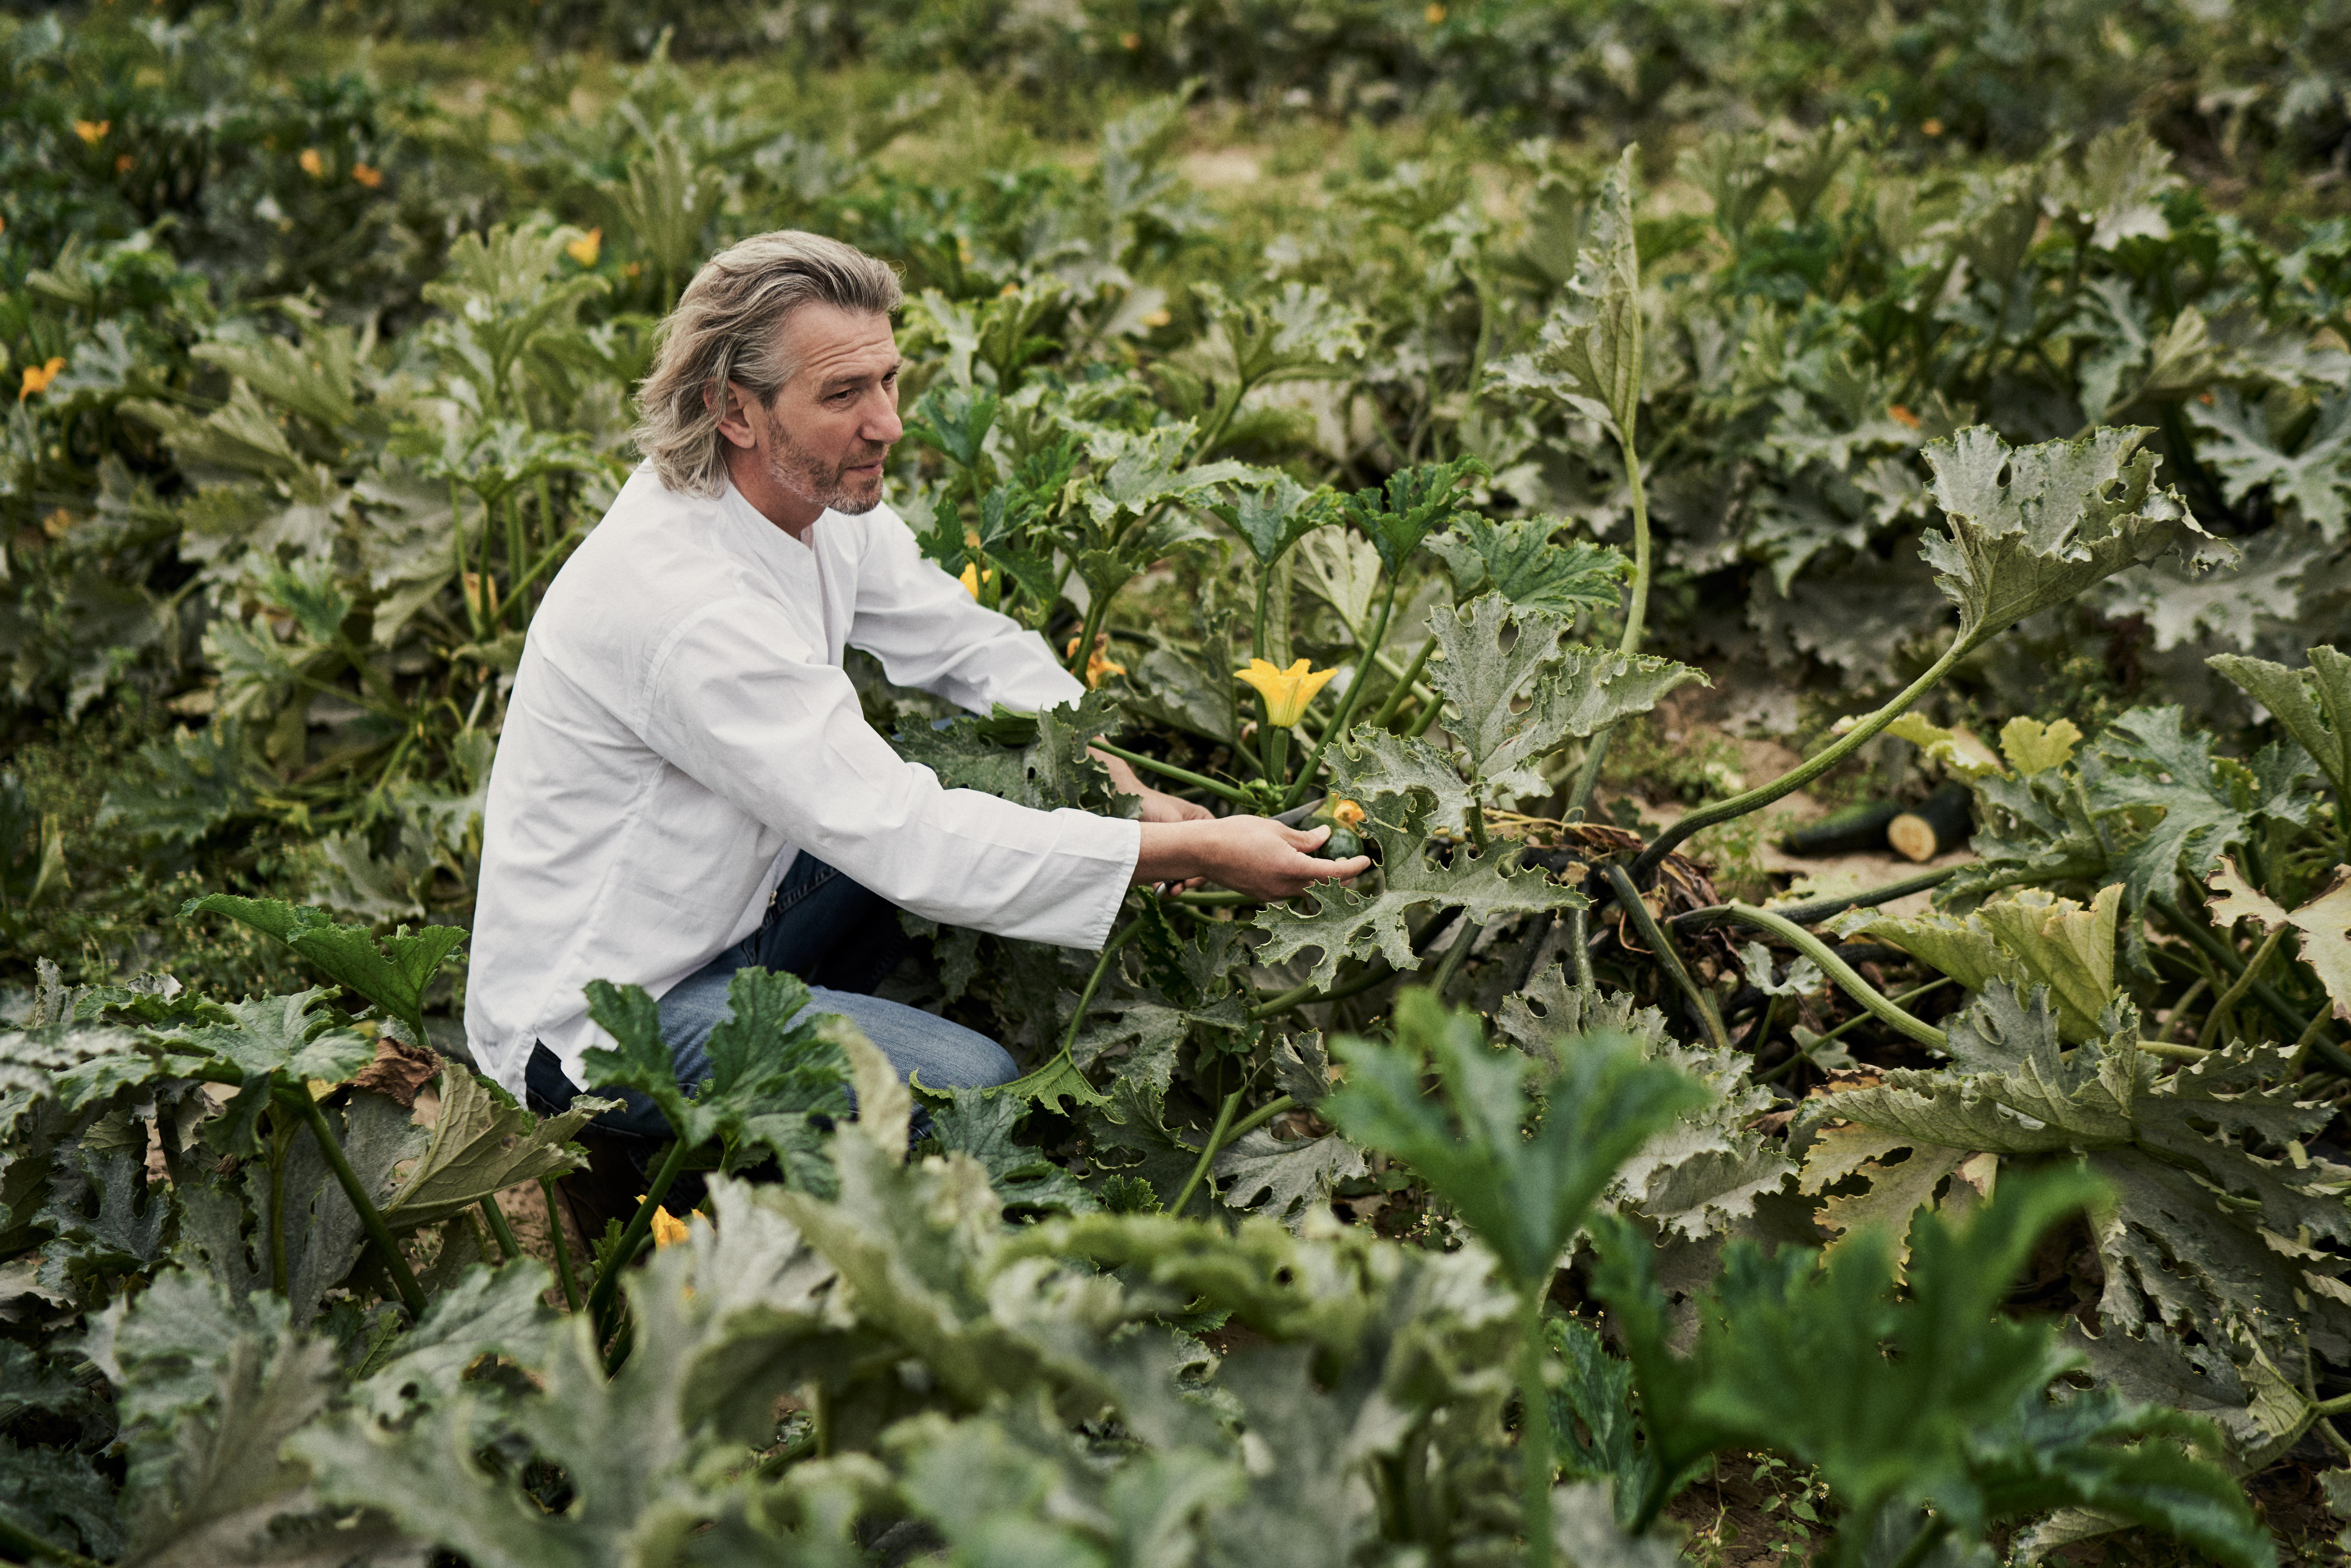 Gottfried auf dem Feld